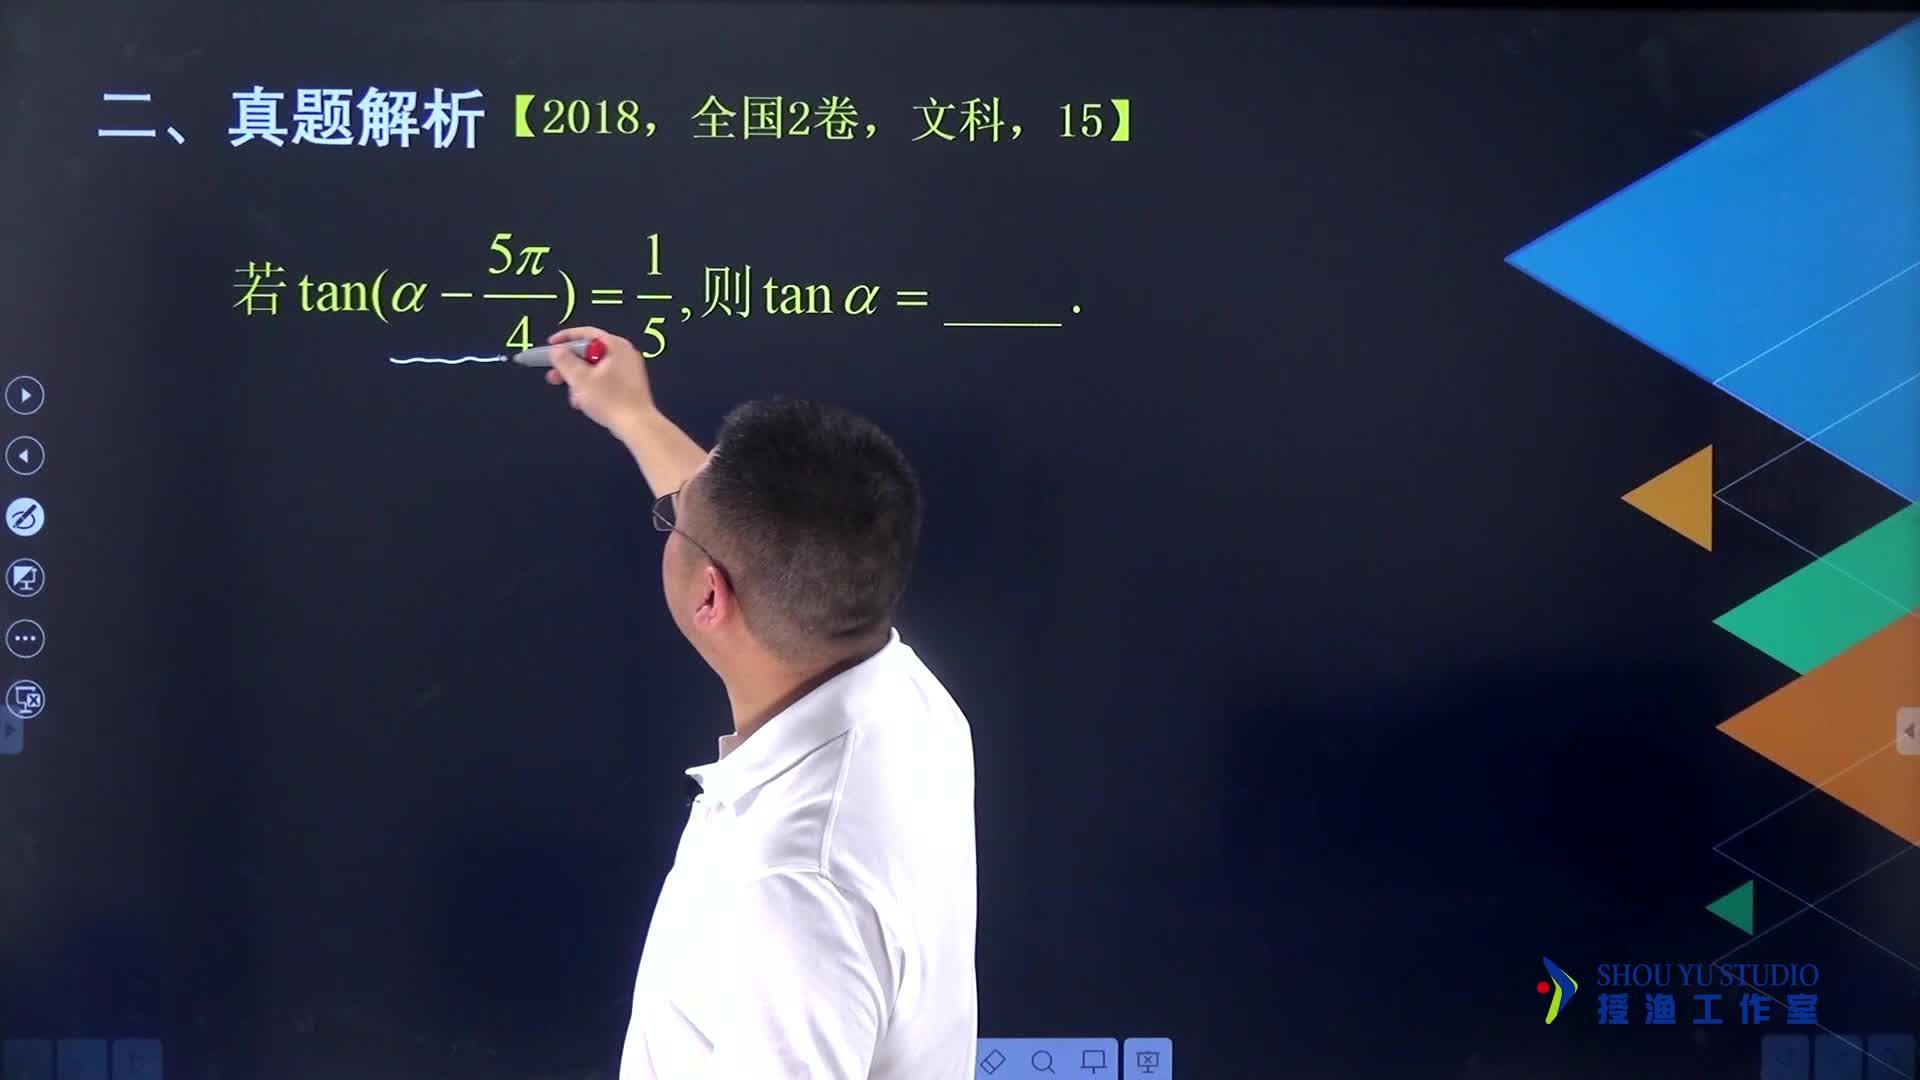 真题解析04 和差公式与辅助角公式-高考数学真题《四十二章经》解密刷题的真相(视频)